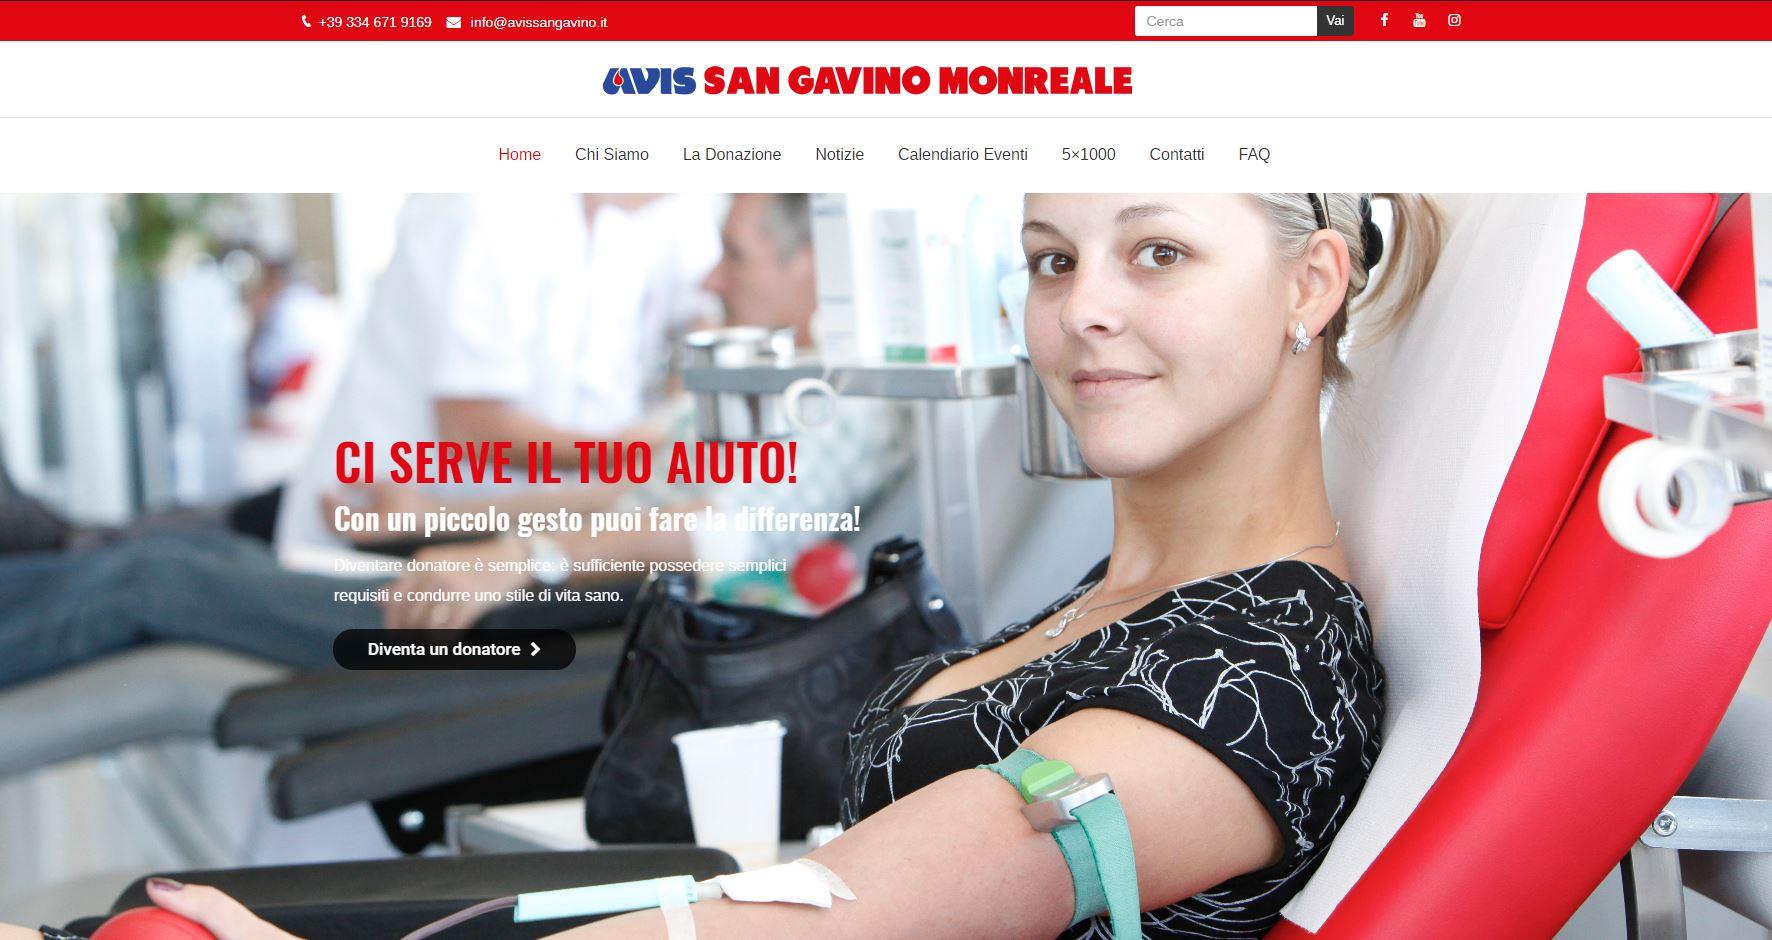 AVIS San Gavino Monreale